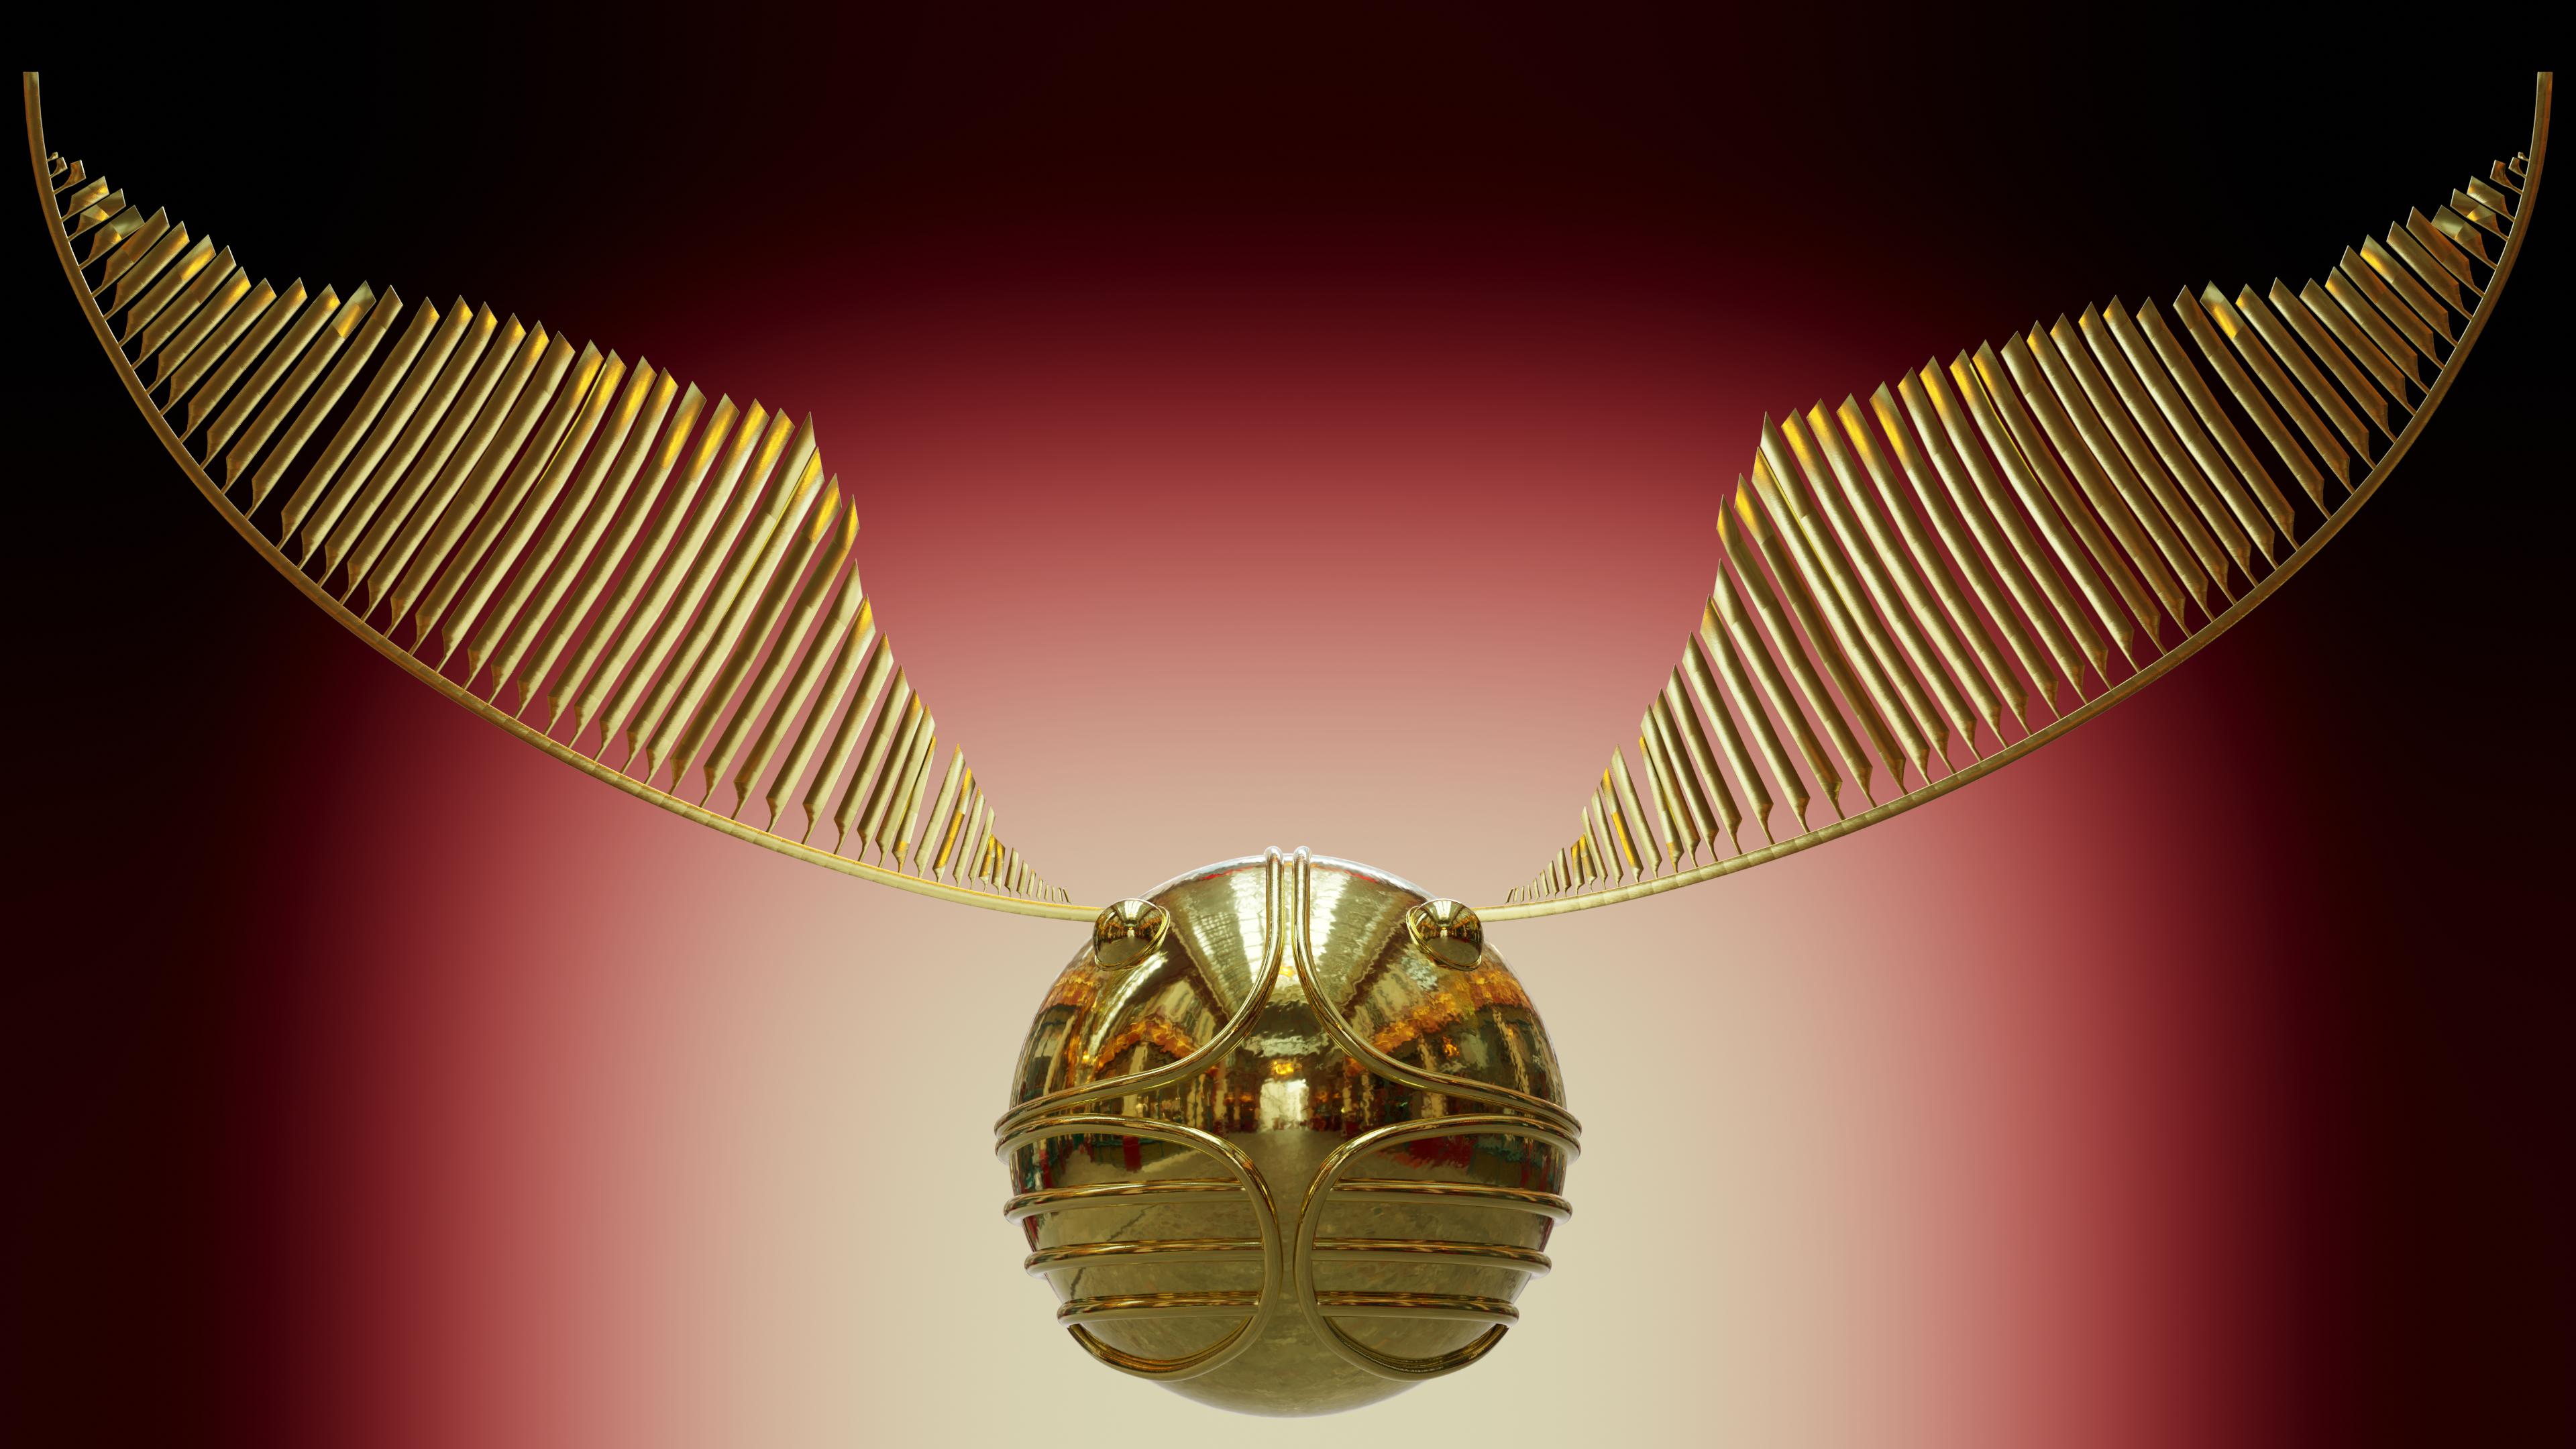 The Golden Snitch Golden Snitch Blender Models Golden